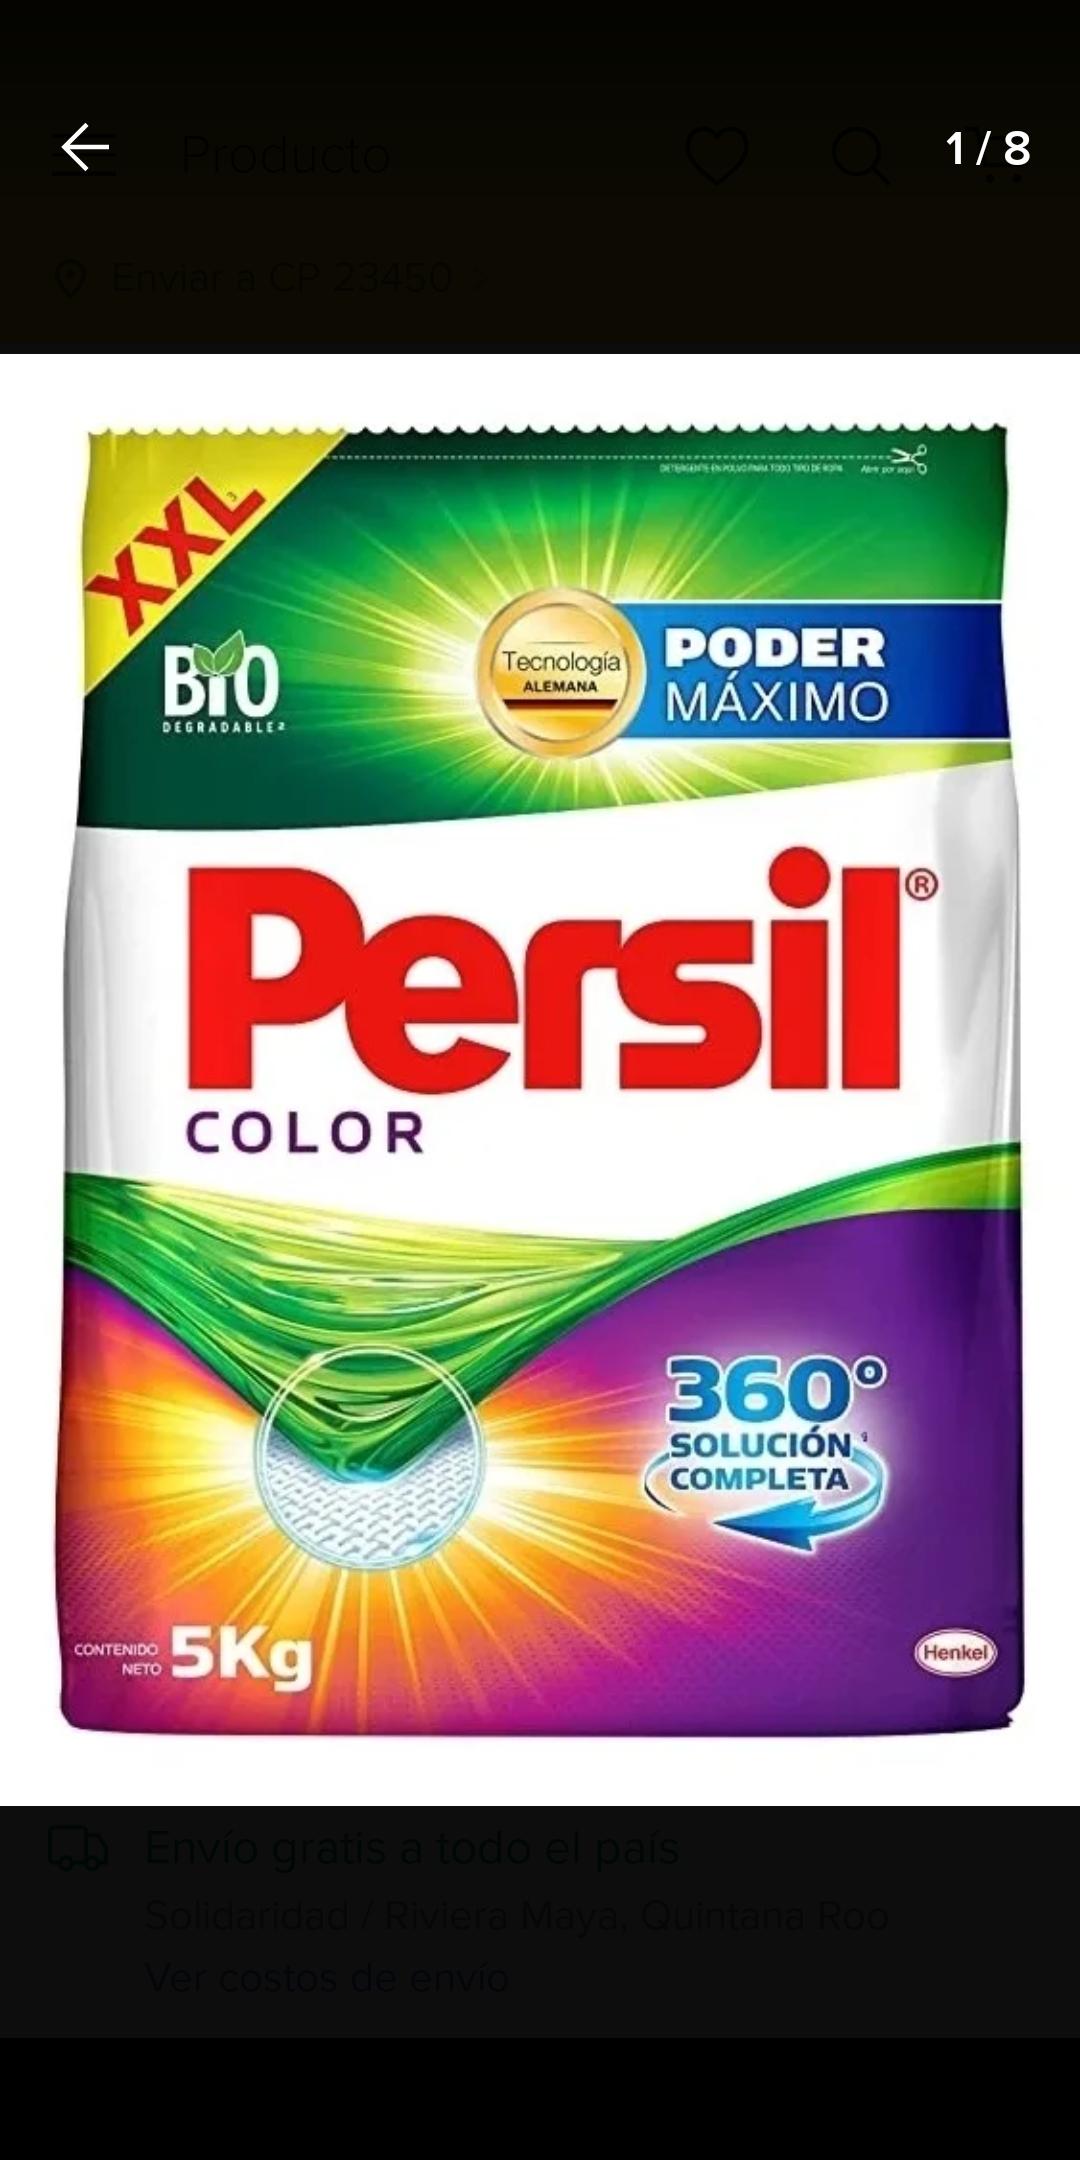 Chedraui: Los cabos detergente persil color 5 kg